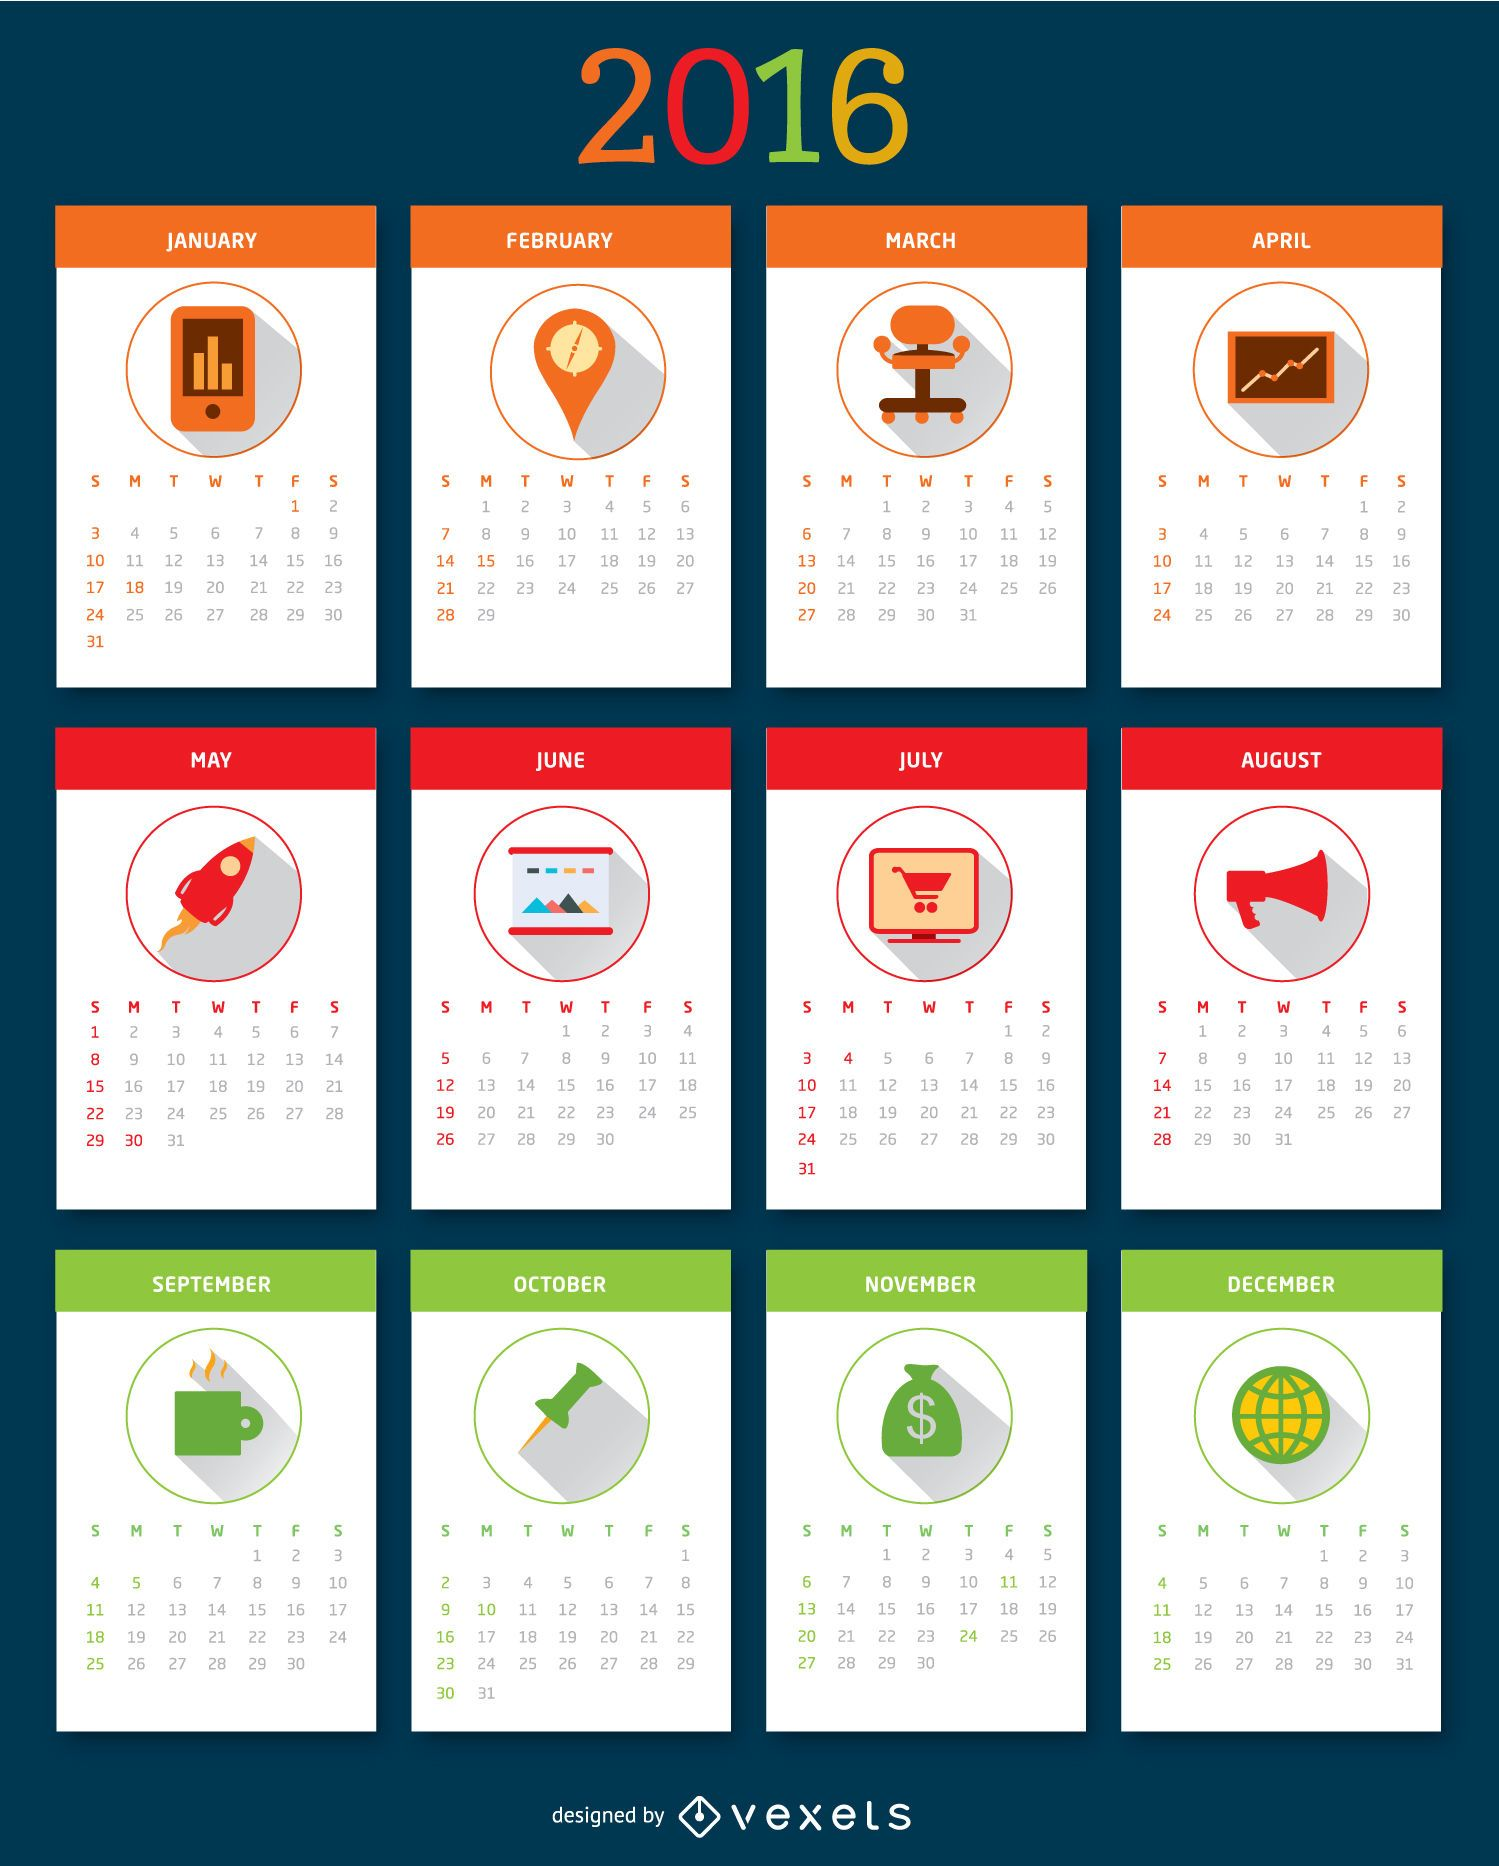 2016 desktop calendar